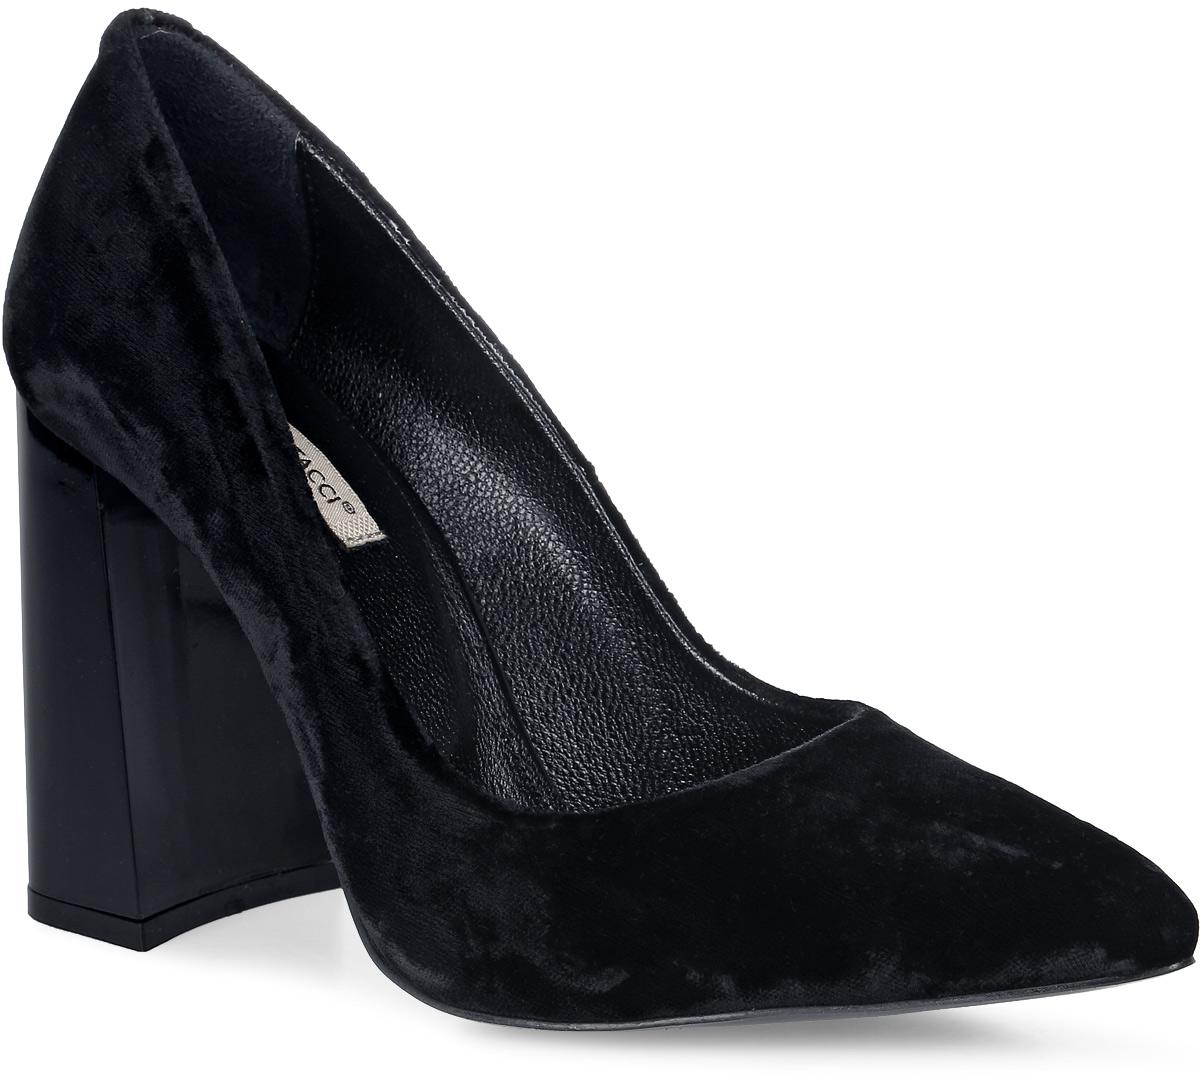 Туфли женские Vitacci, цвет: черный. 120014. Размер 40120014Стильные туфли Vitacci не оставят вас незамеченной! Модель изготовлена из качественного текстиля. Стелька из натуральной кожи обеспечивает комфорт и удобство при ходьбе. Подошва выполнена с высоким устойчивым каблуком.